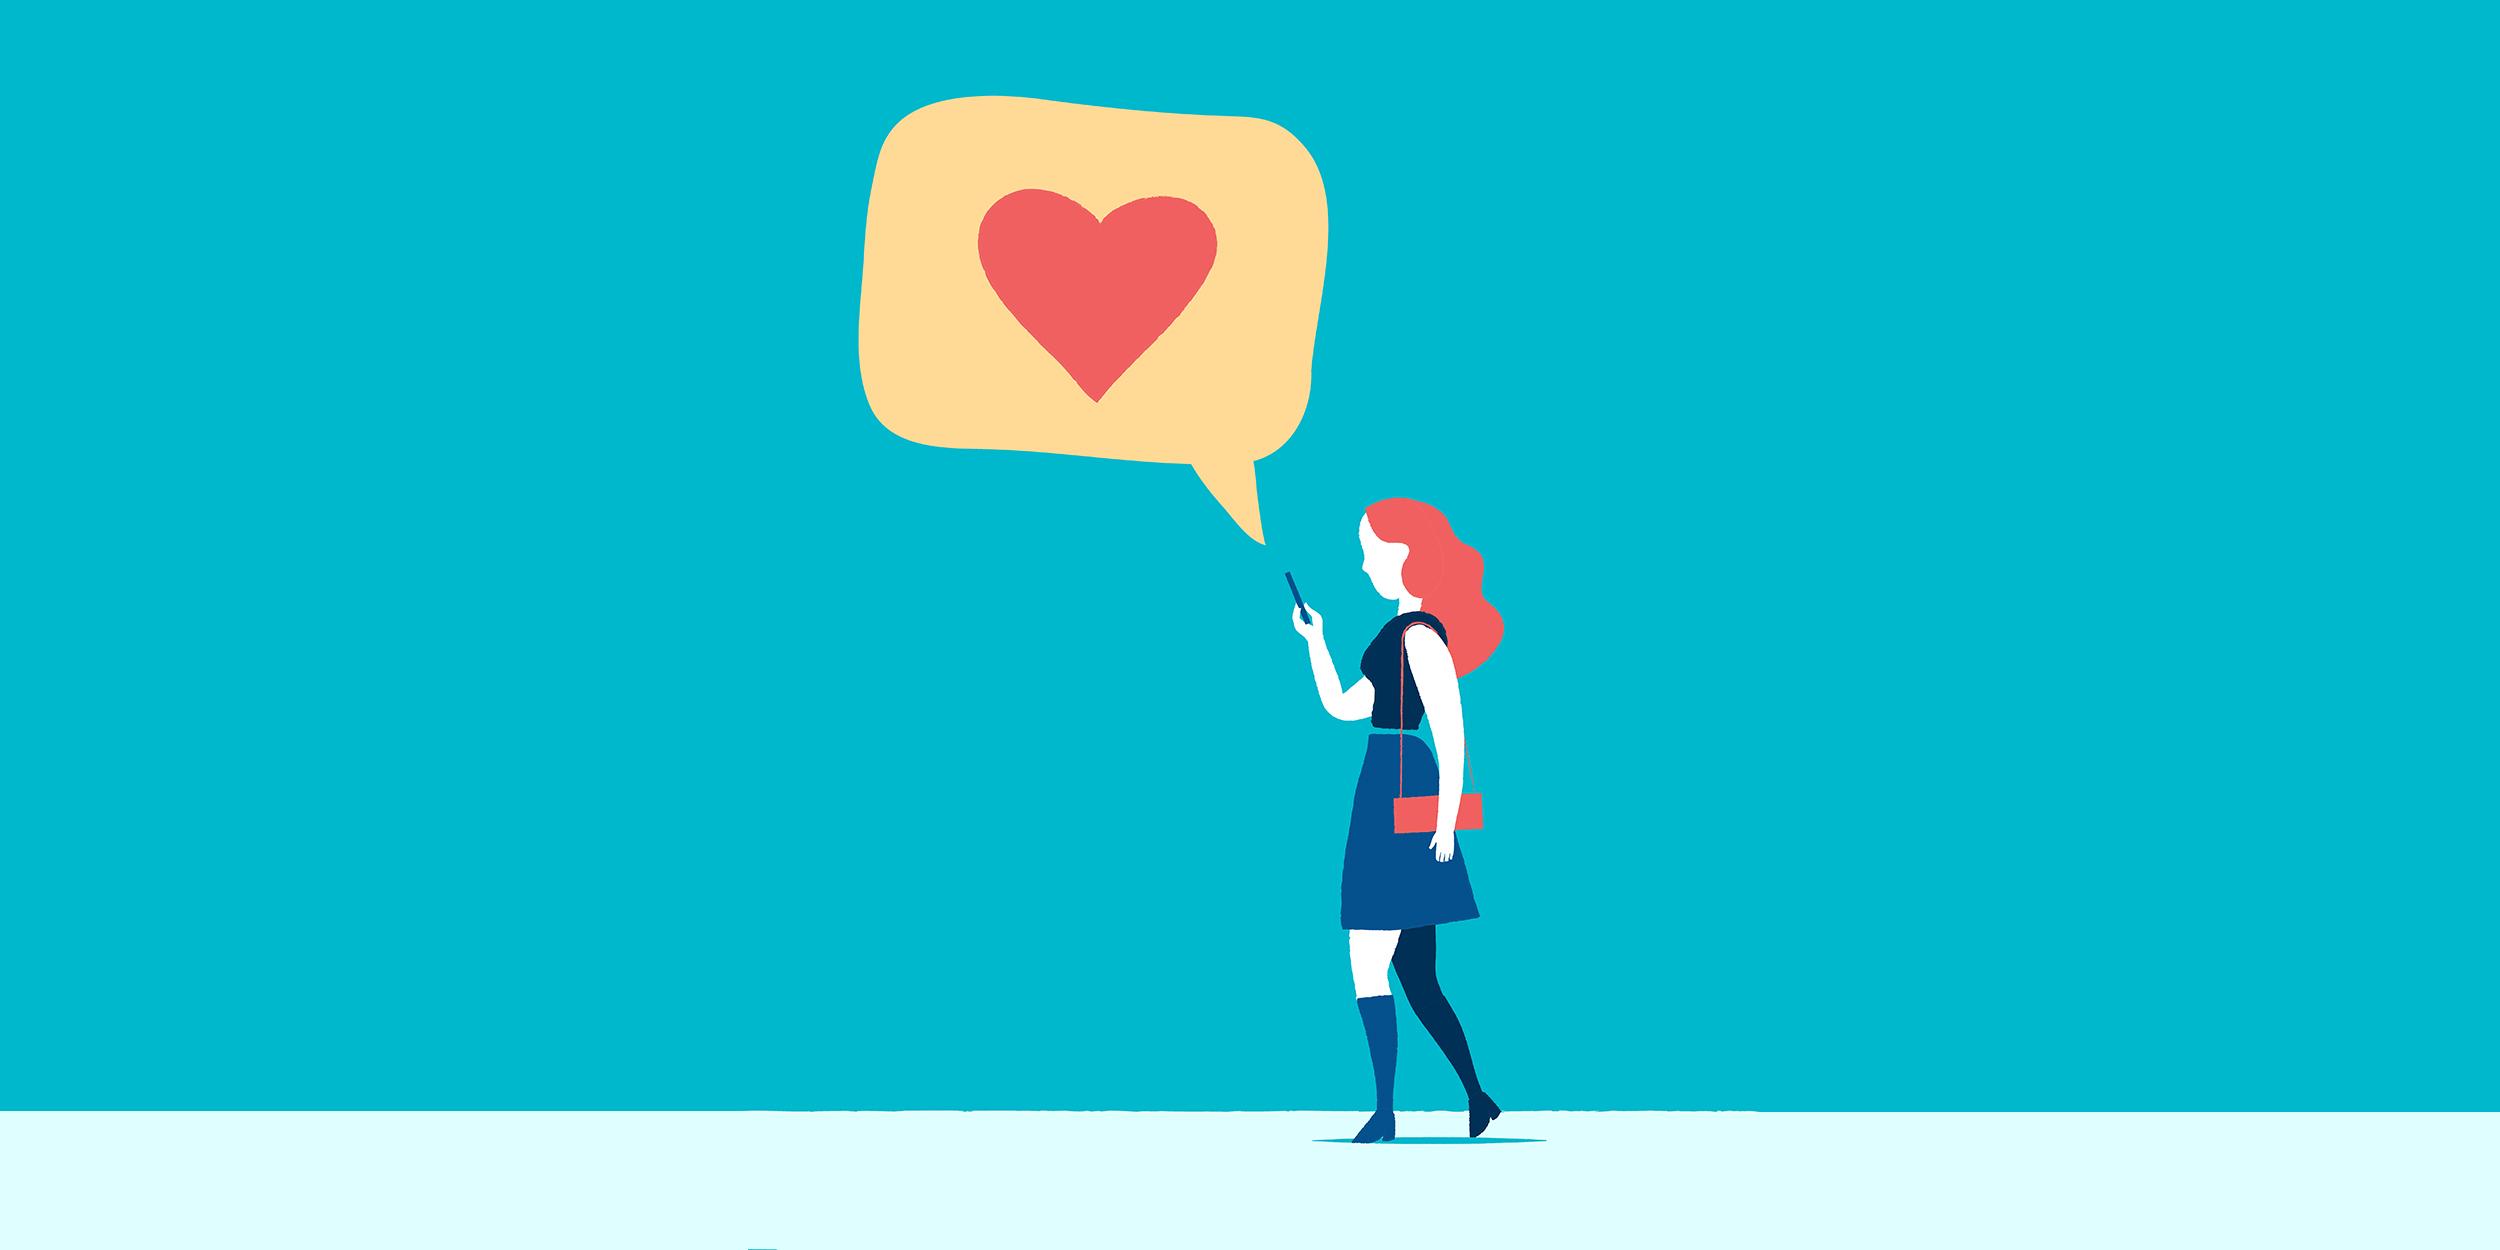 как найти свою половину на сайте знакомств